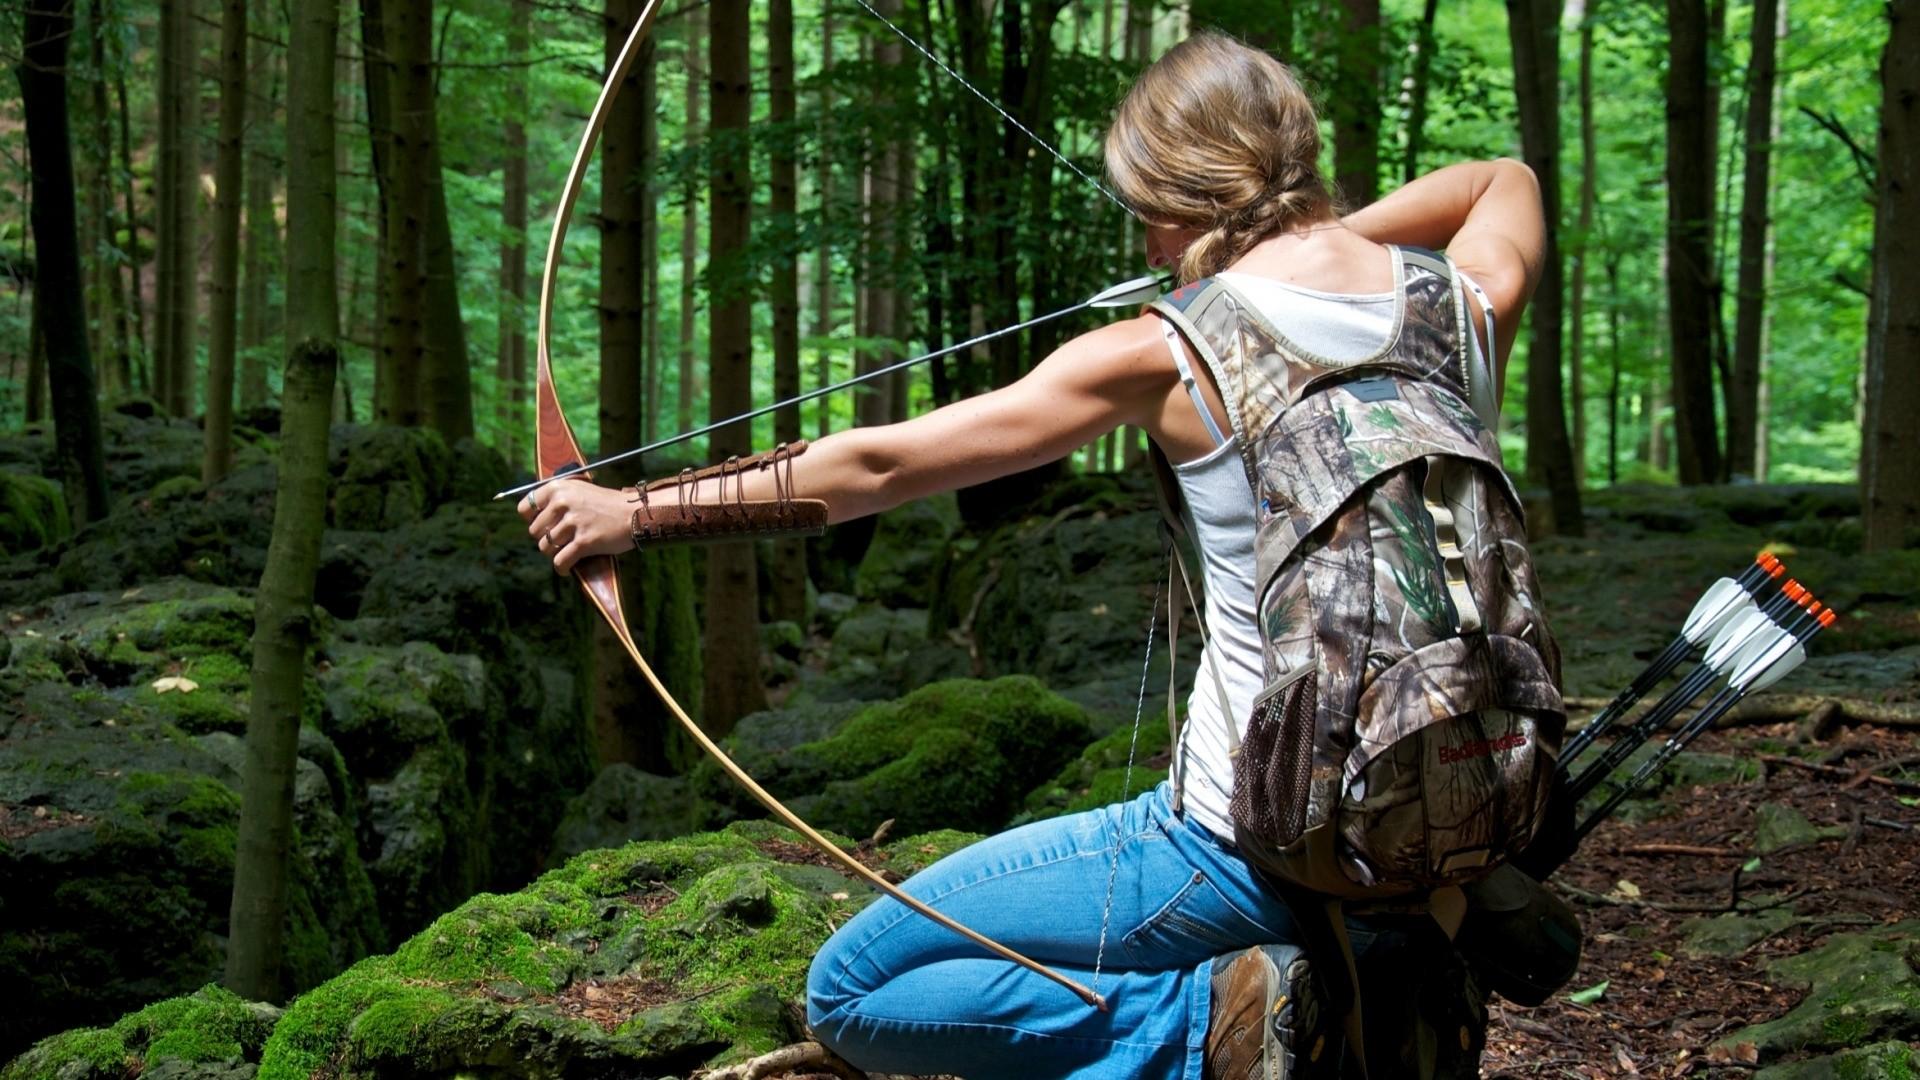 Archery Wallpaper theme